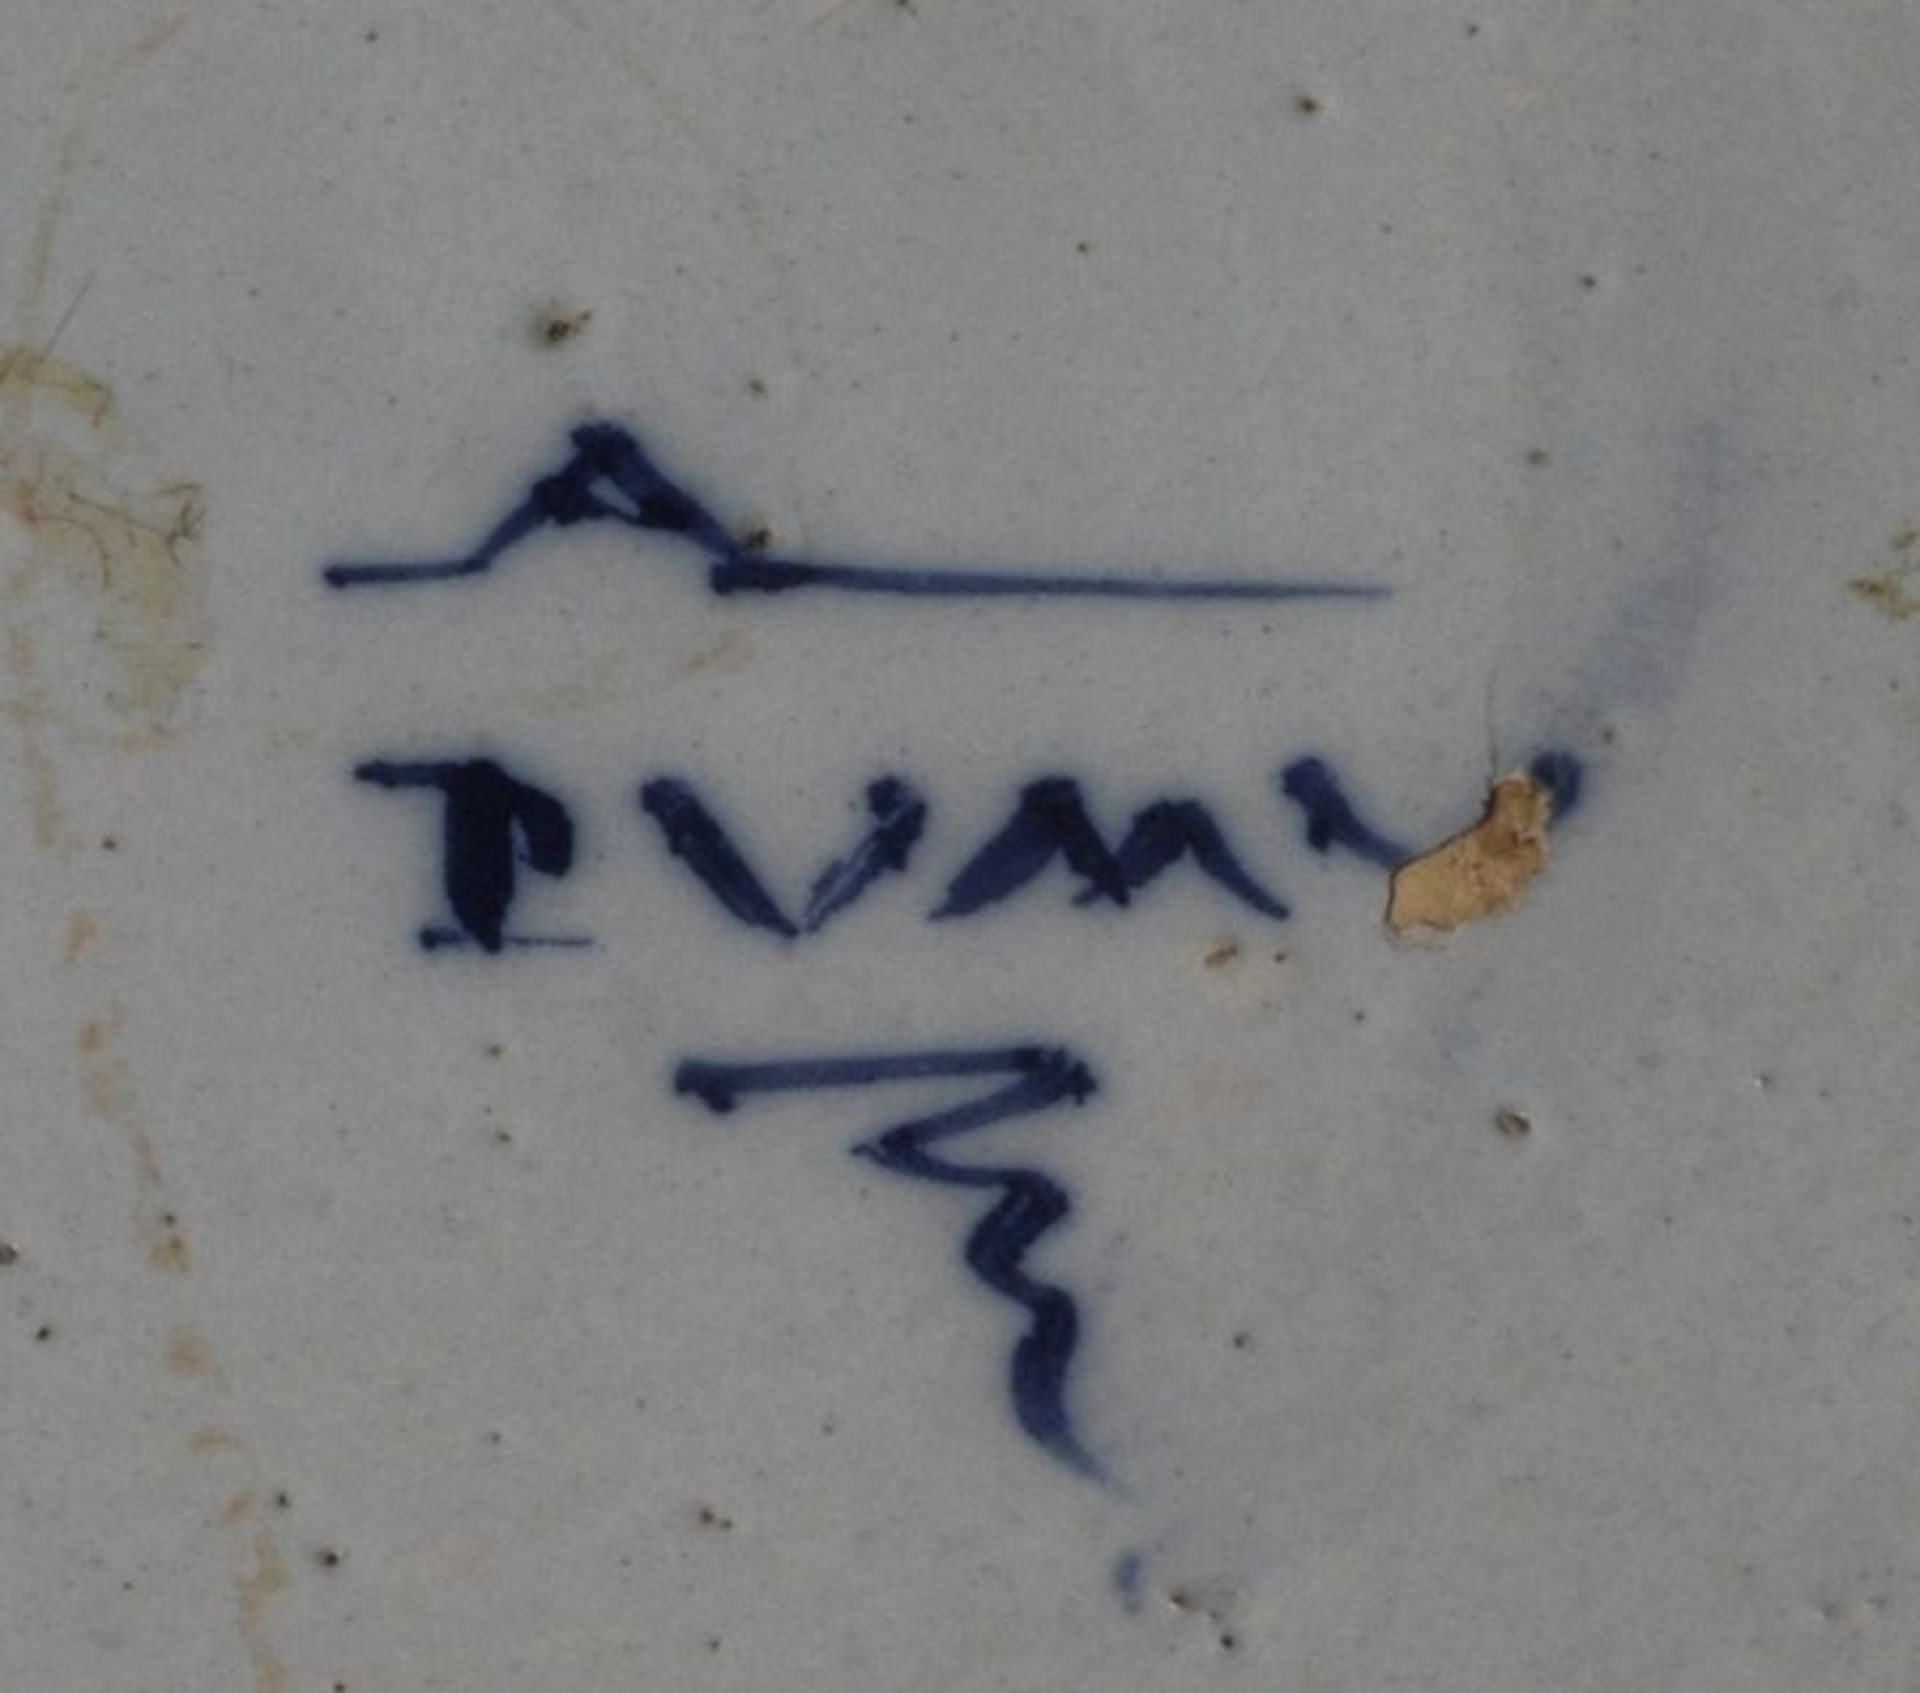 Los 14 - Runde Platte mit Pfauenmuster, Delft, Ende 18. Jh.Fayence. in Blaumalerei auf bläulich-weißer...